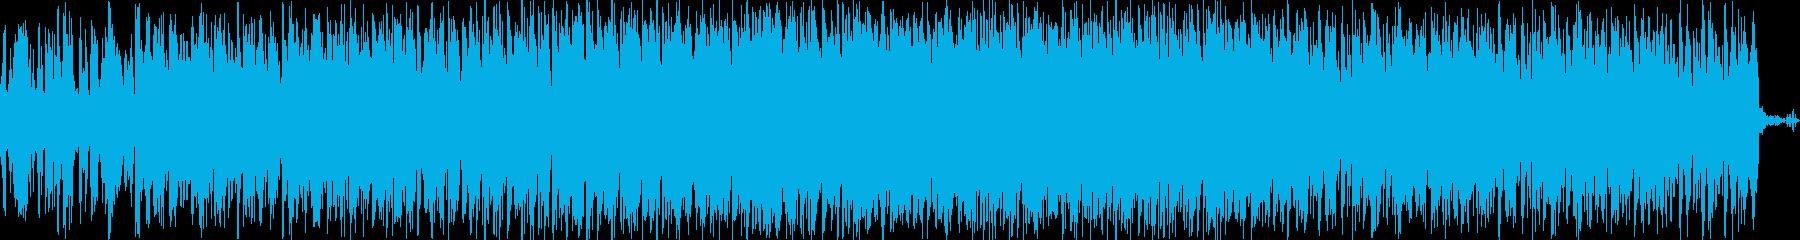 和楽器を使用したHIPHOPの再生済みの波形